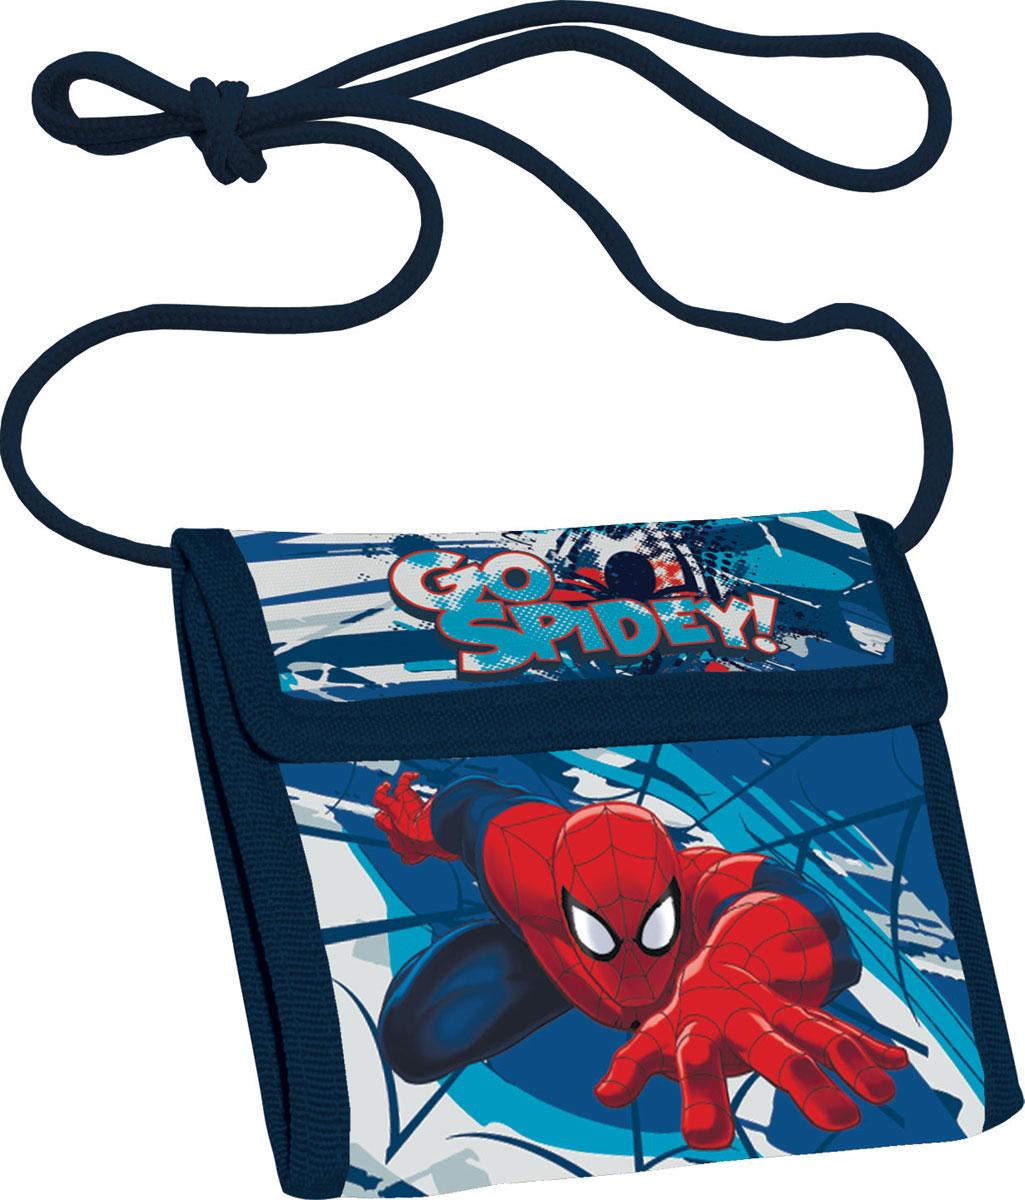 Кошелек детский Spider-Man, цвет: синийBM8434-58AEЯркий детский кошелек Spider-Man выполнен из полиэстера и оформлен красочным рисунком. Внутри кошелек оснащен отделением для денежных купюр и карманом на застежке-молнии. Кошелек складывается втрое и закрывается широким клапаном на липучку. На внутренней стороне предусмотрен шнурок, с помощью которого изделие можно носить через плечо или на шее.Кошелек Spider-Man станет надежным спутником для вашего ребенка!